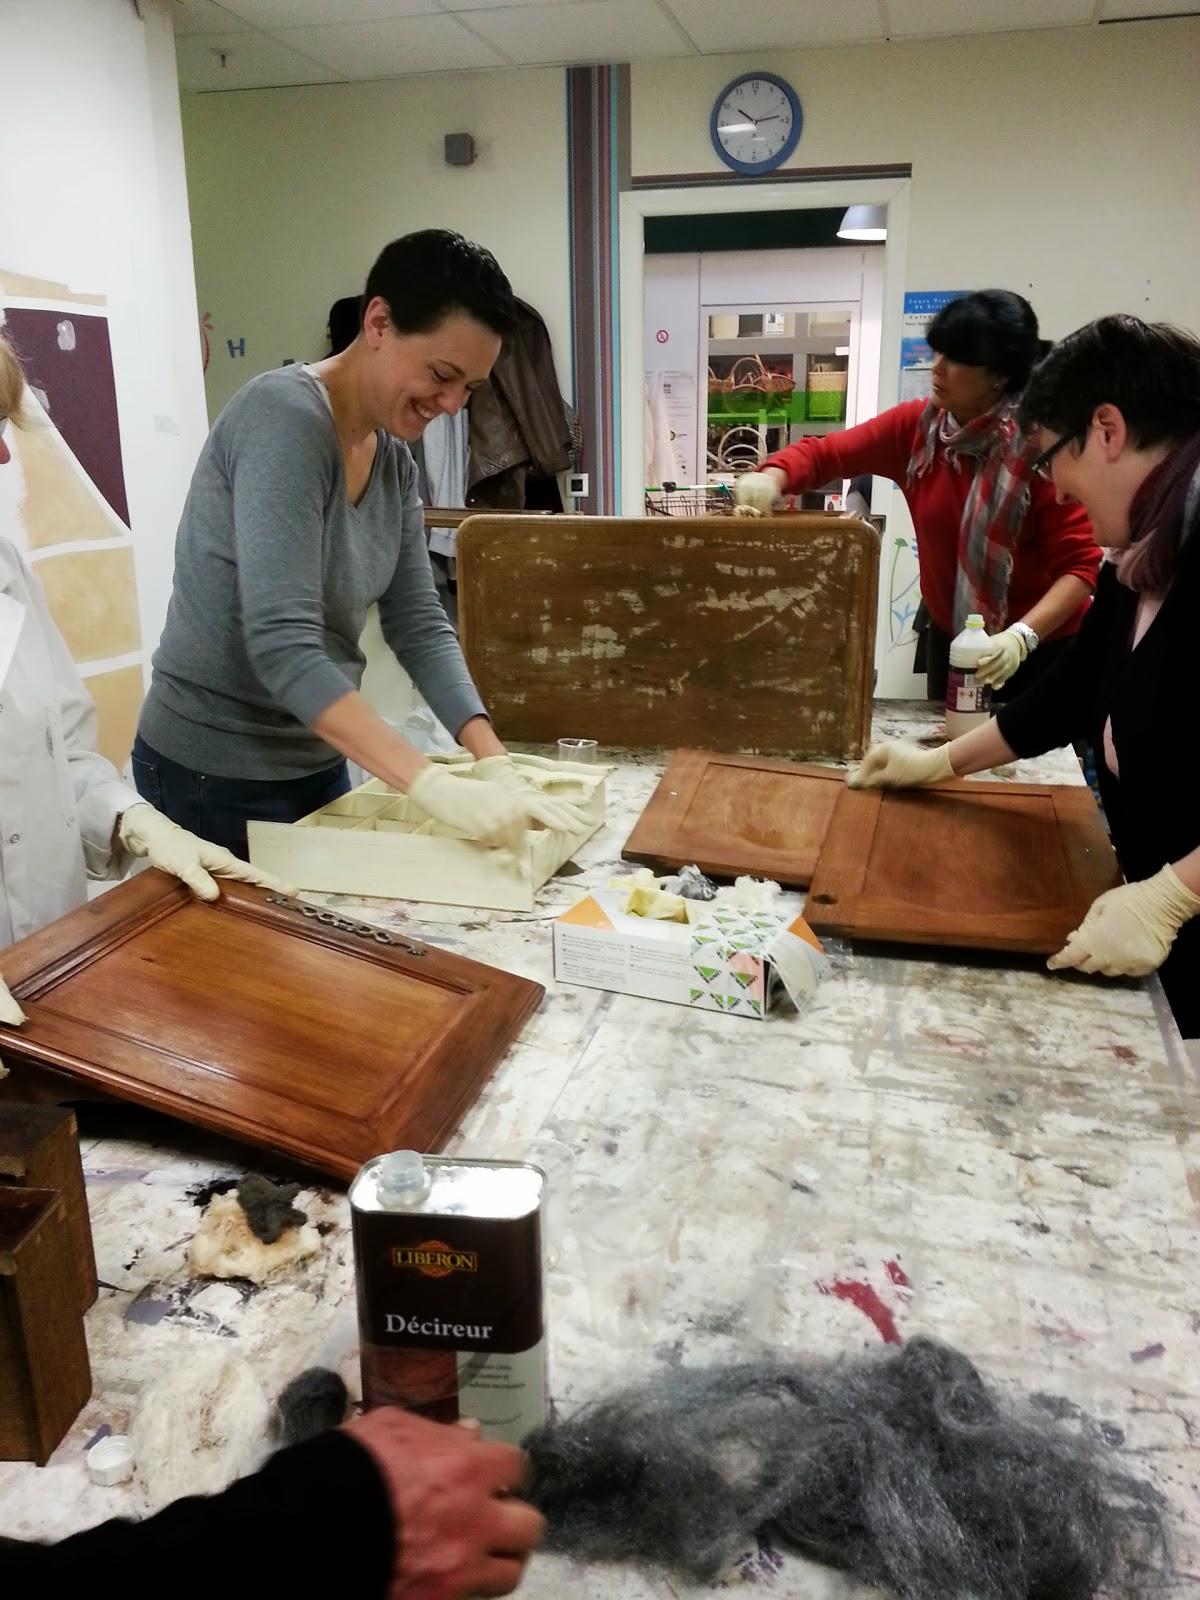 Peinture sur meuble repeindre portes cuisine ch ne massif vernis cours de - Repeindre cuisine chene ...